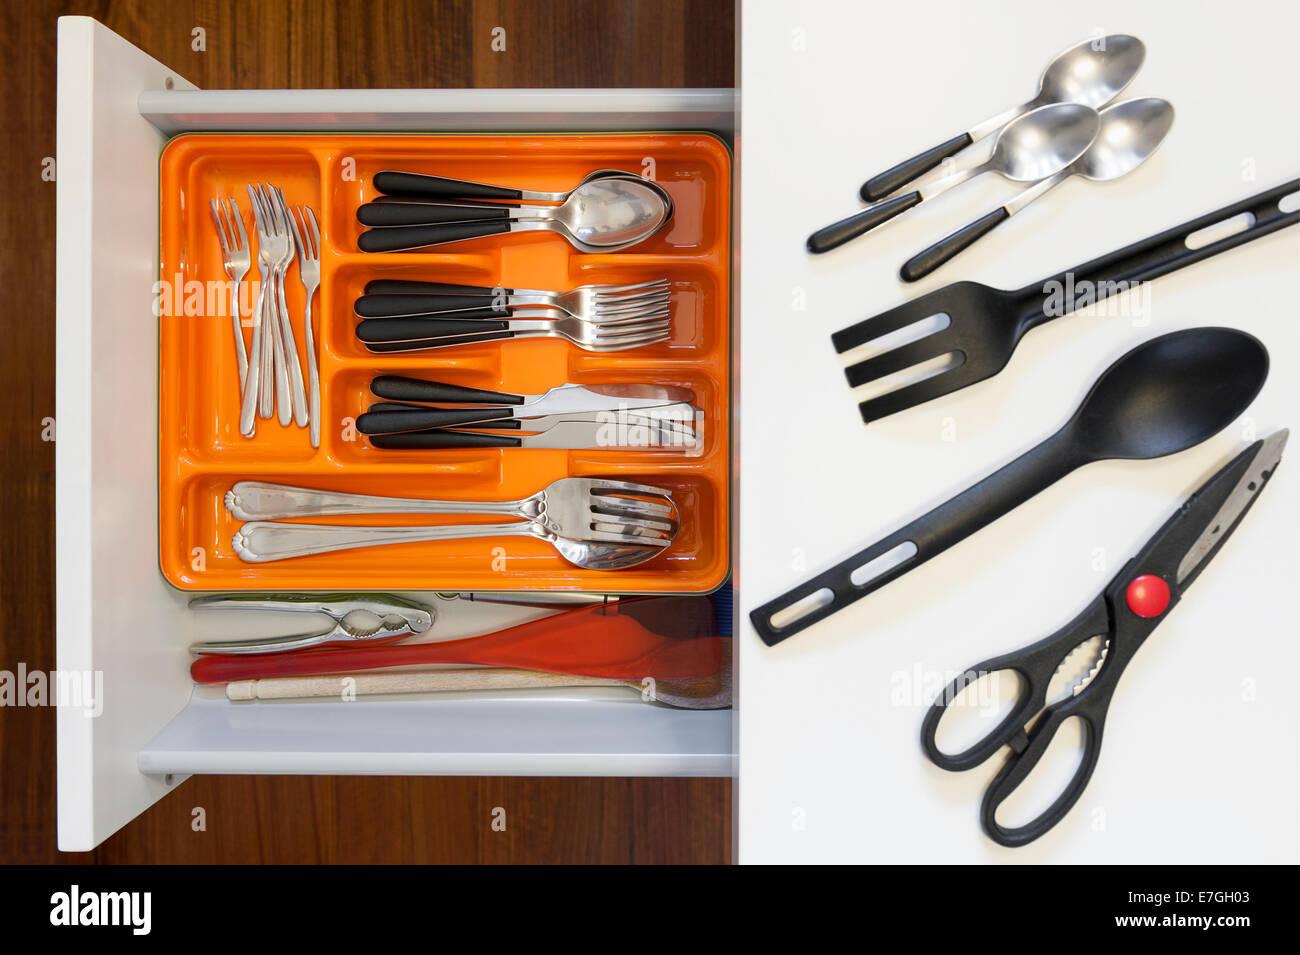 Tiroir de cuisine avec des compartiments pour couverts Photo Stock